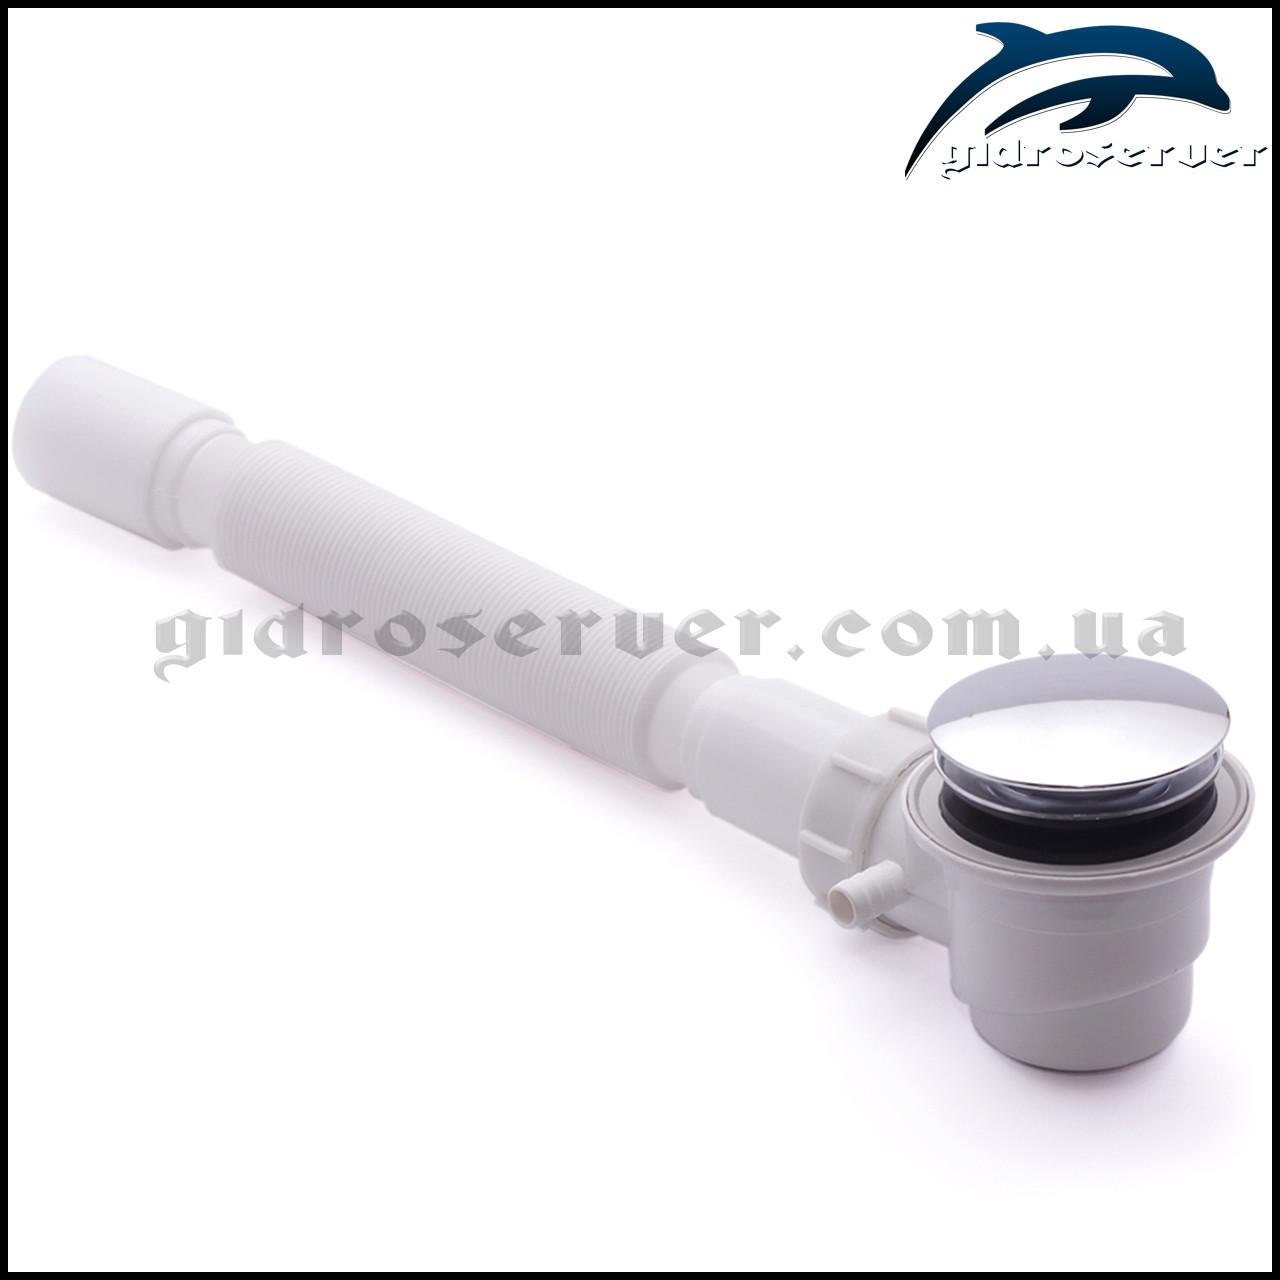 Посилений сифон для душової кабіни, гидромассажног боксу SDKU-04.